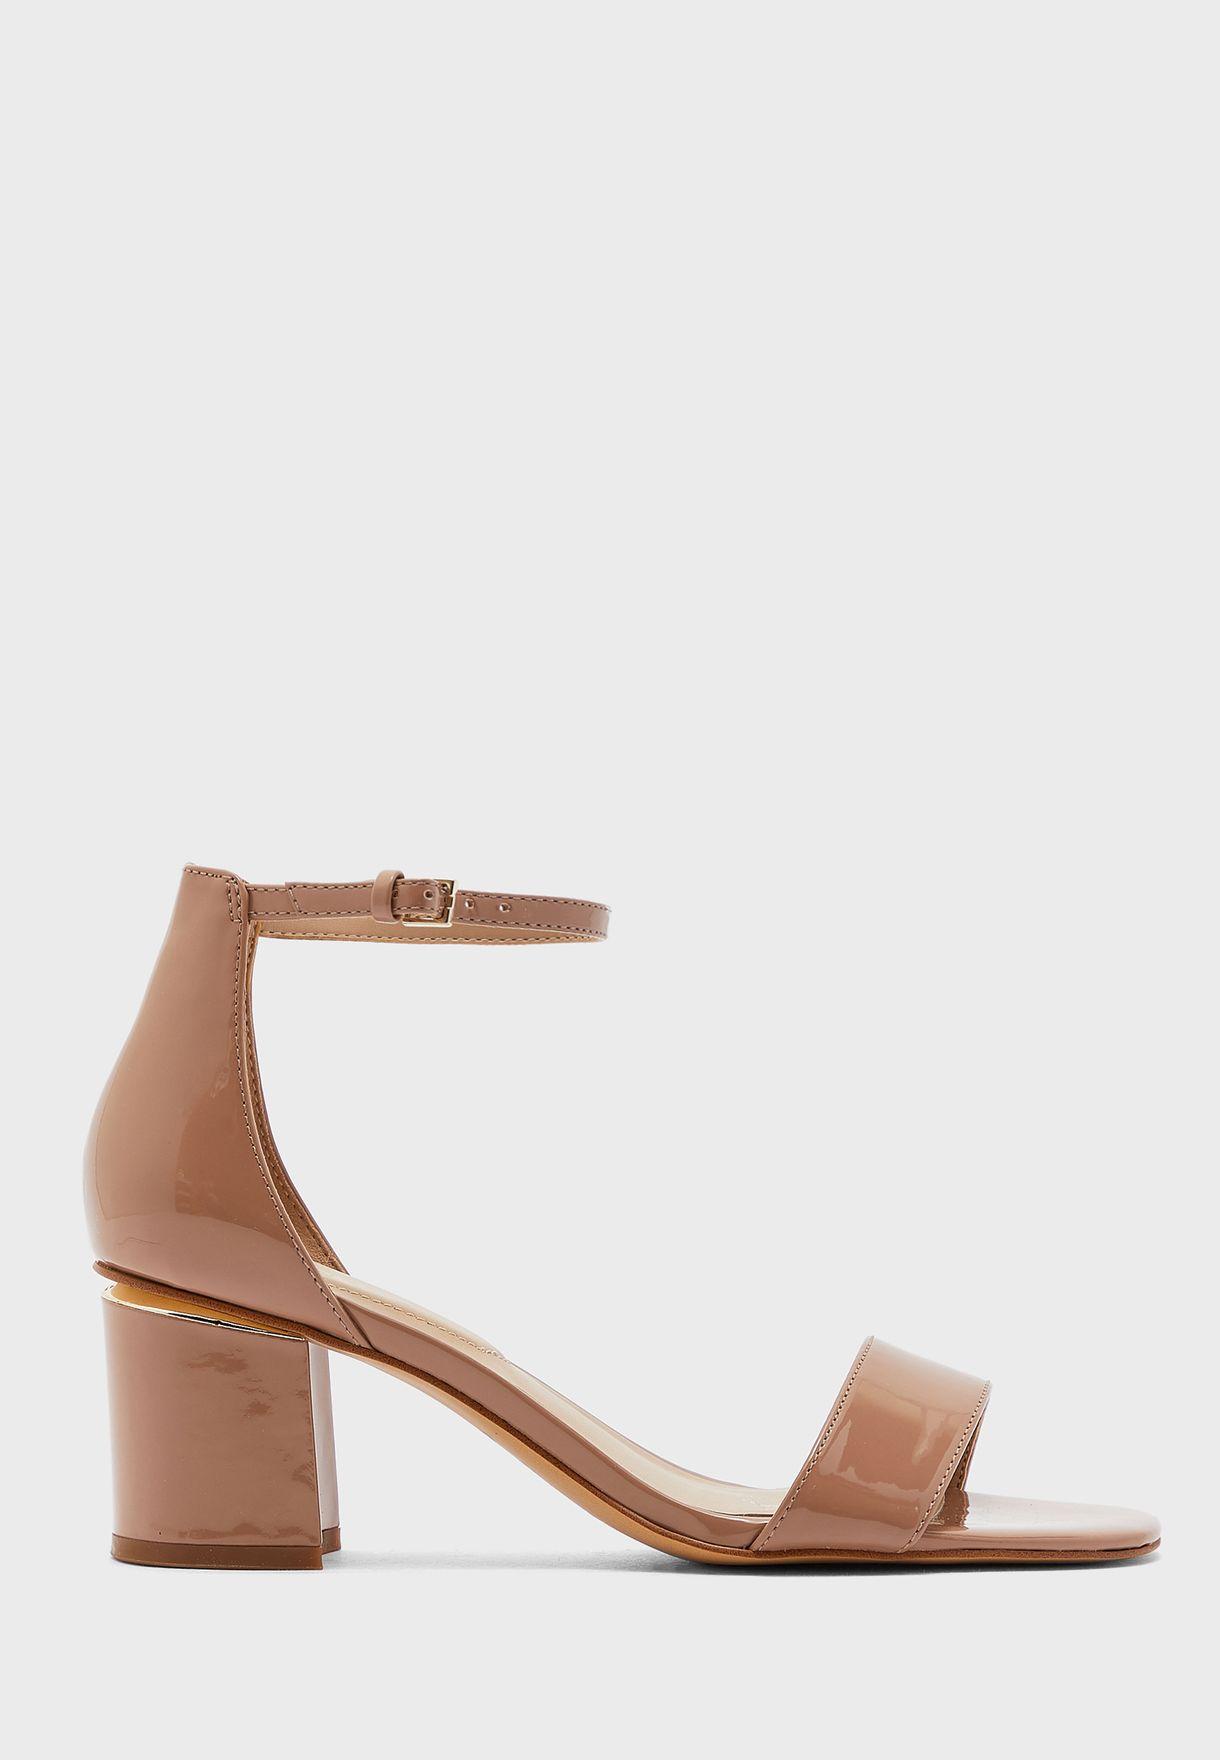 Valentina Ankle Strap High Heel Sandal